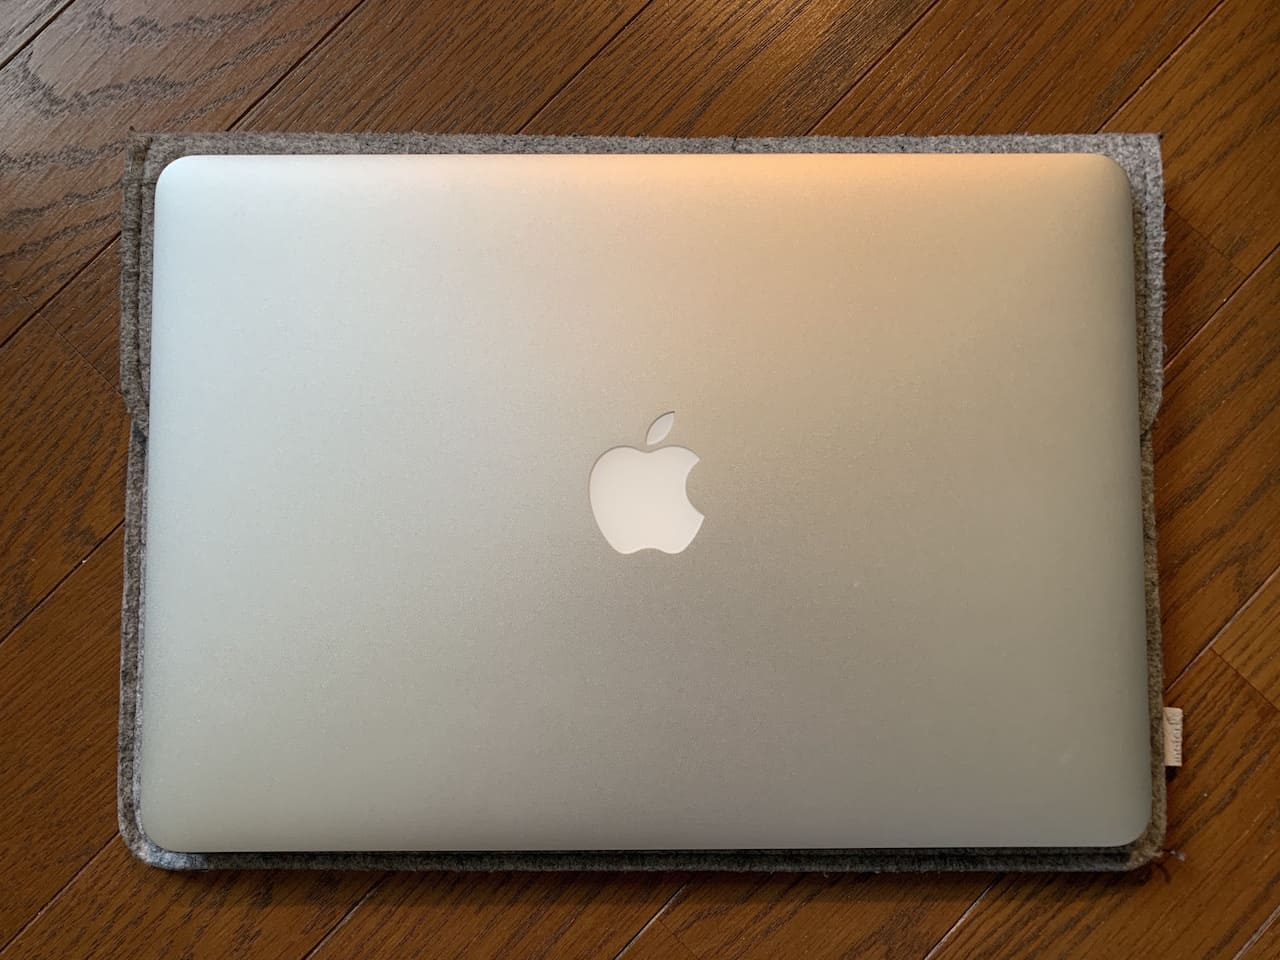 InateckのMacBookAir/Pro用ケースのサイズ感①